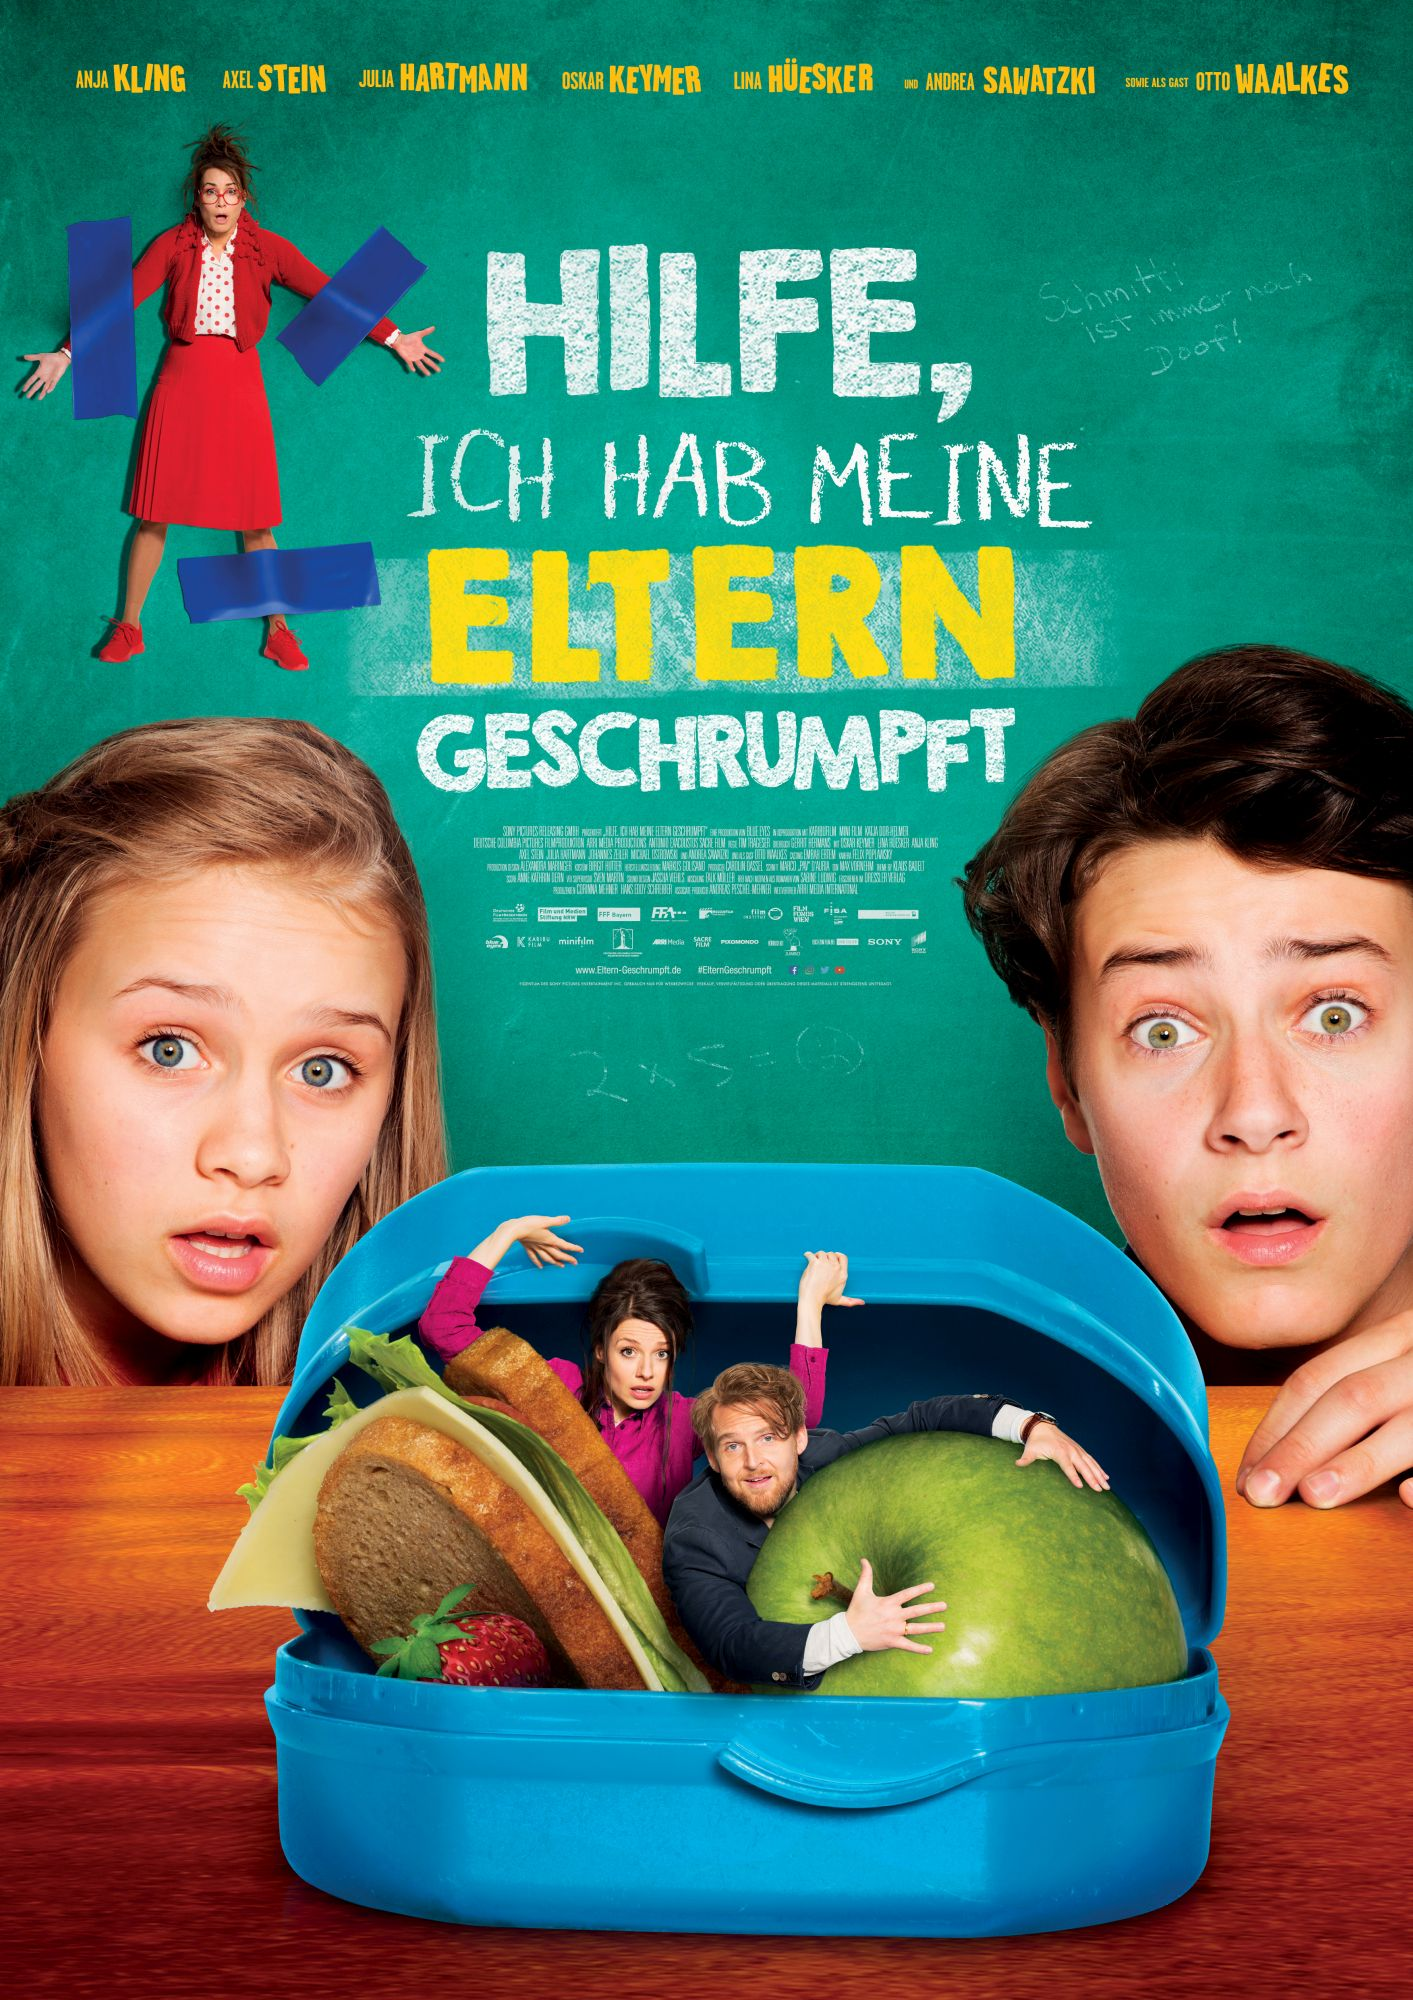 (Deutsch) Familienfilm mit Mini-Eltern : inklusive Verlosung zum Film